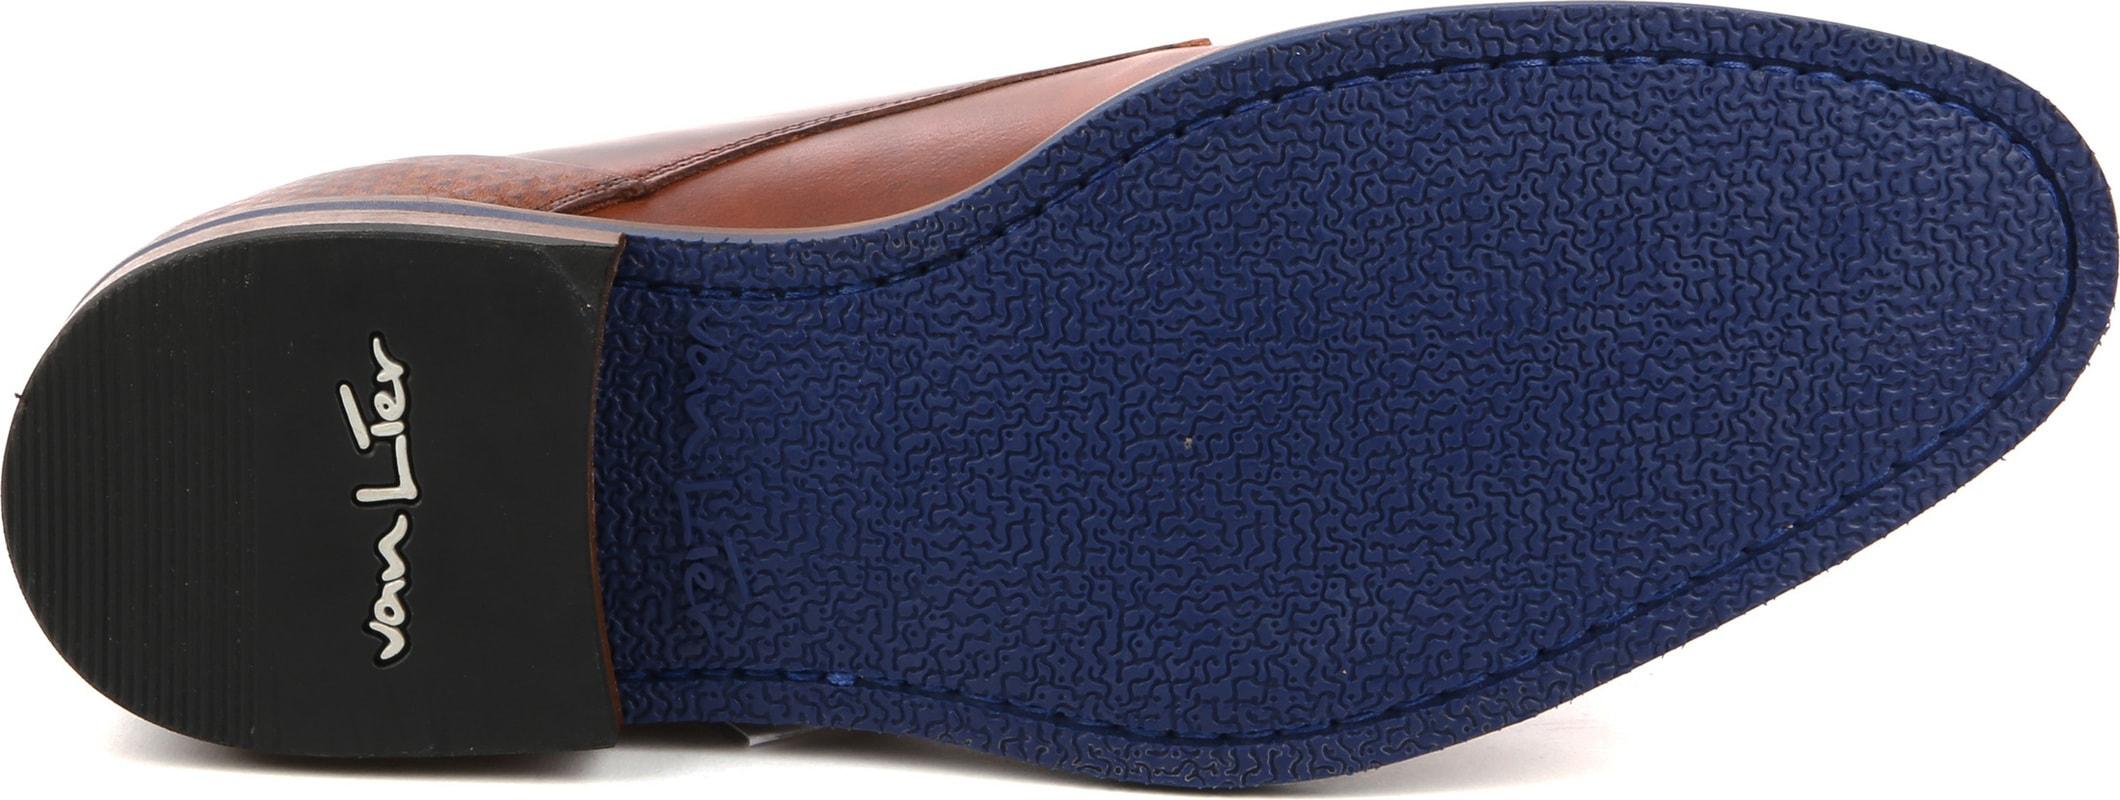 Van Lier Dress Shoes Nubuck Combi Cognac photo 3